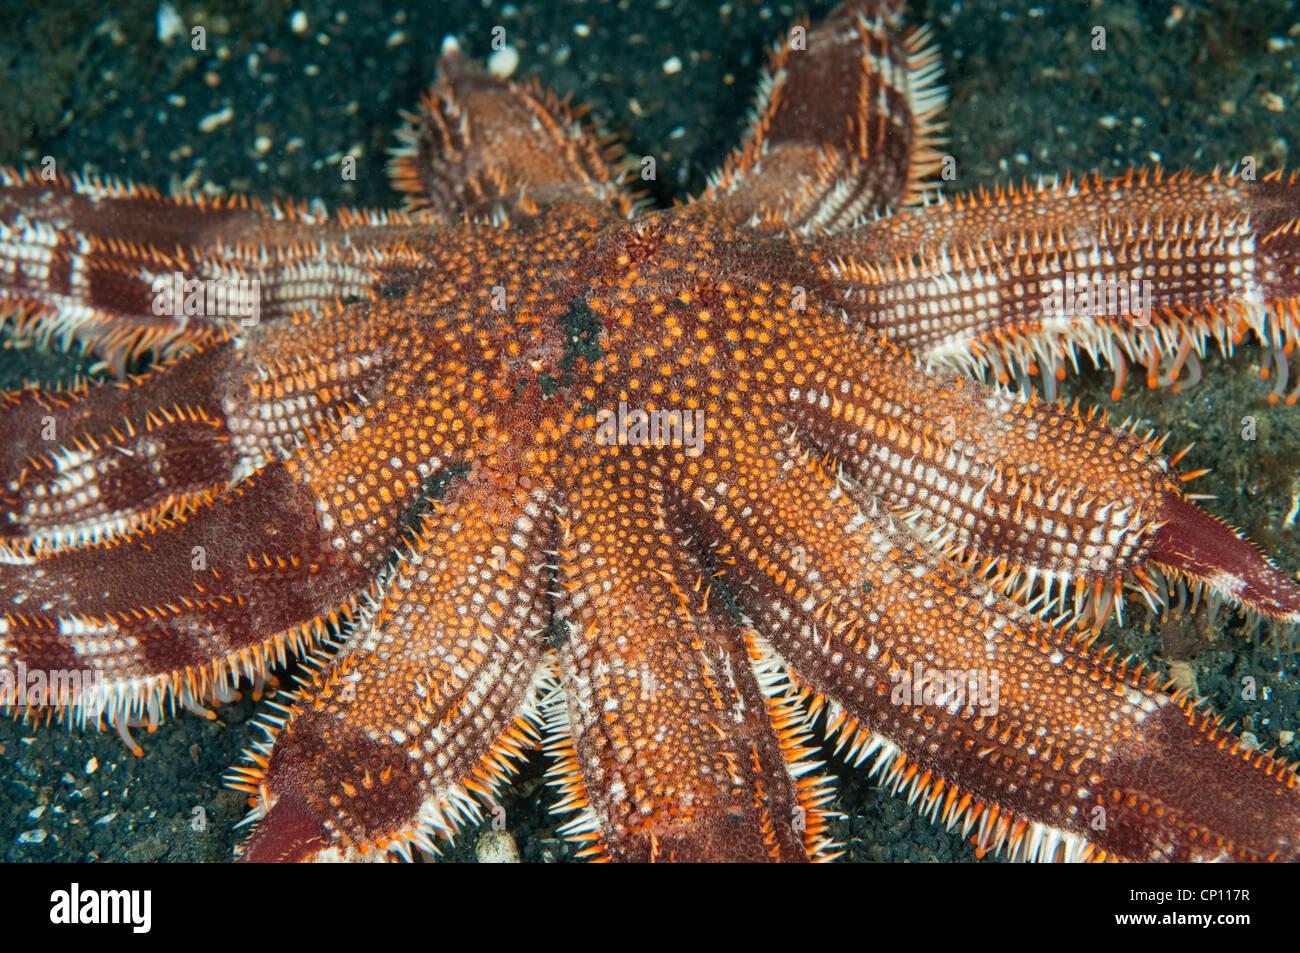 Starfish, Luidia Multi armados sp., Sulawesi, Indonesia Imagen De Stock